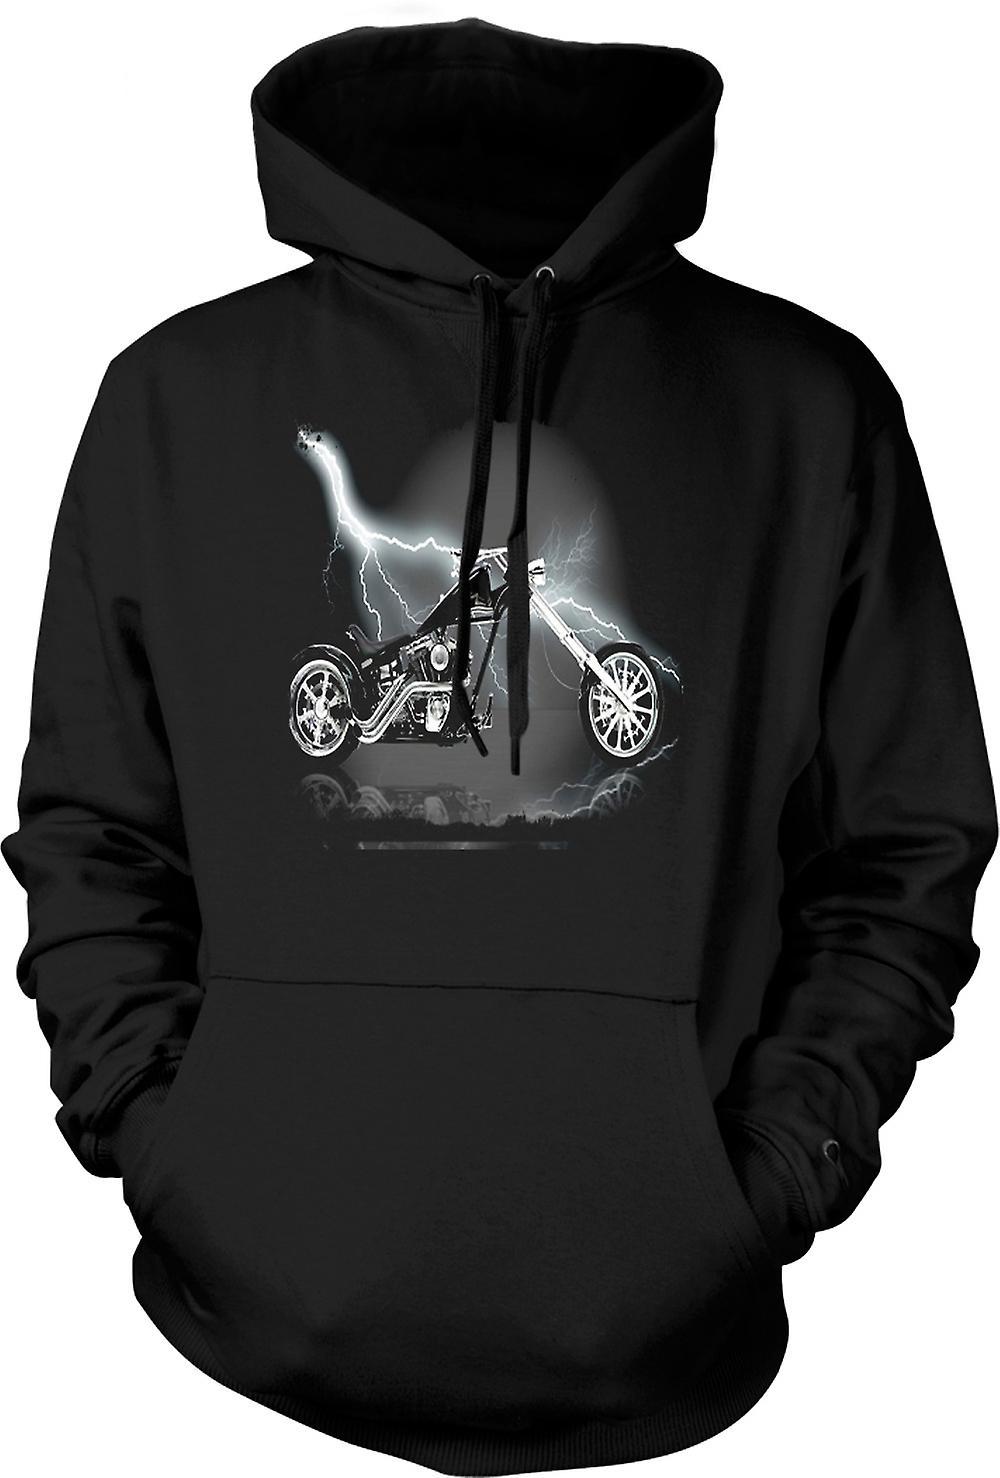 Mens Hoodie - Chopper Biker Hog